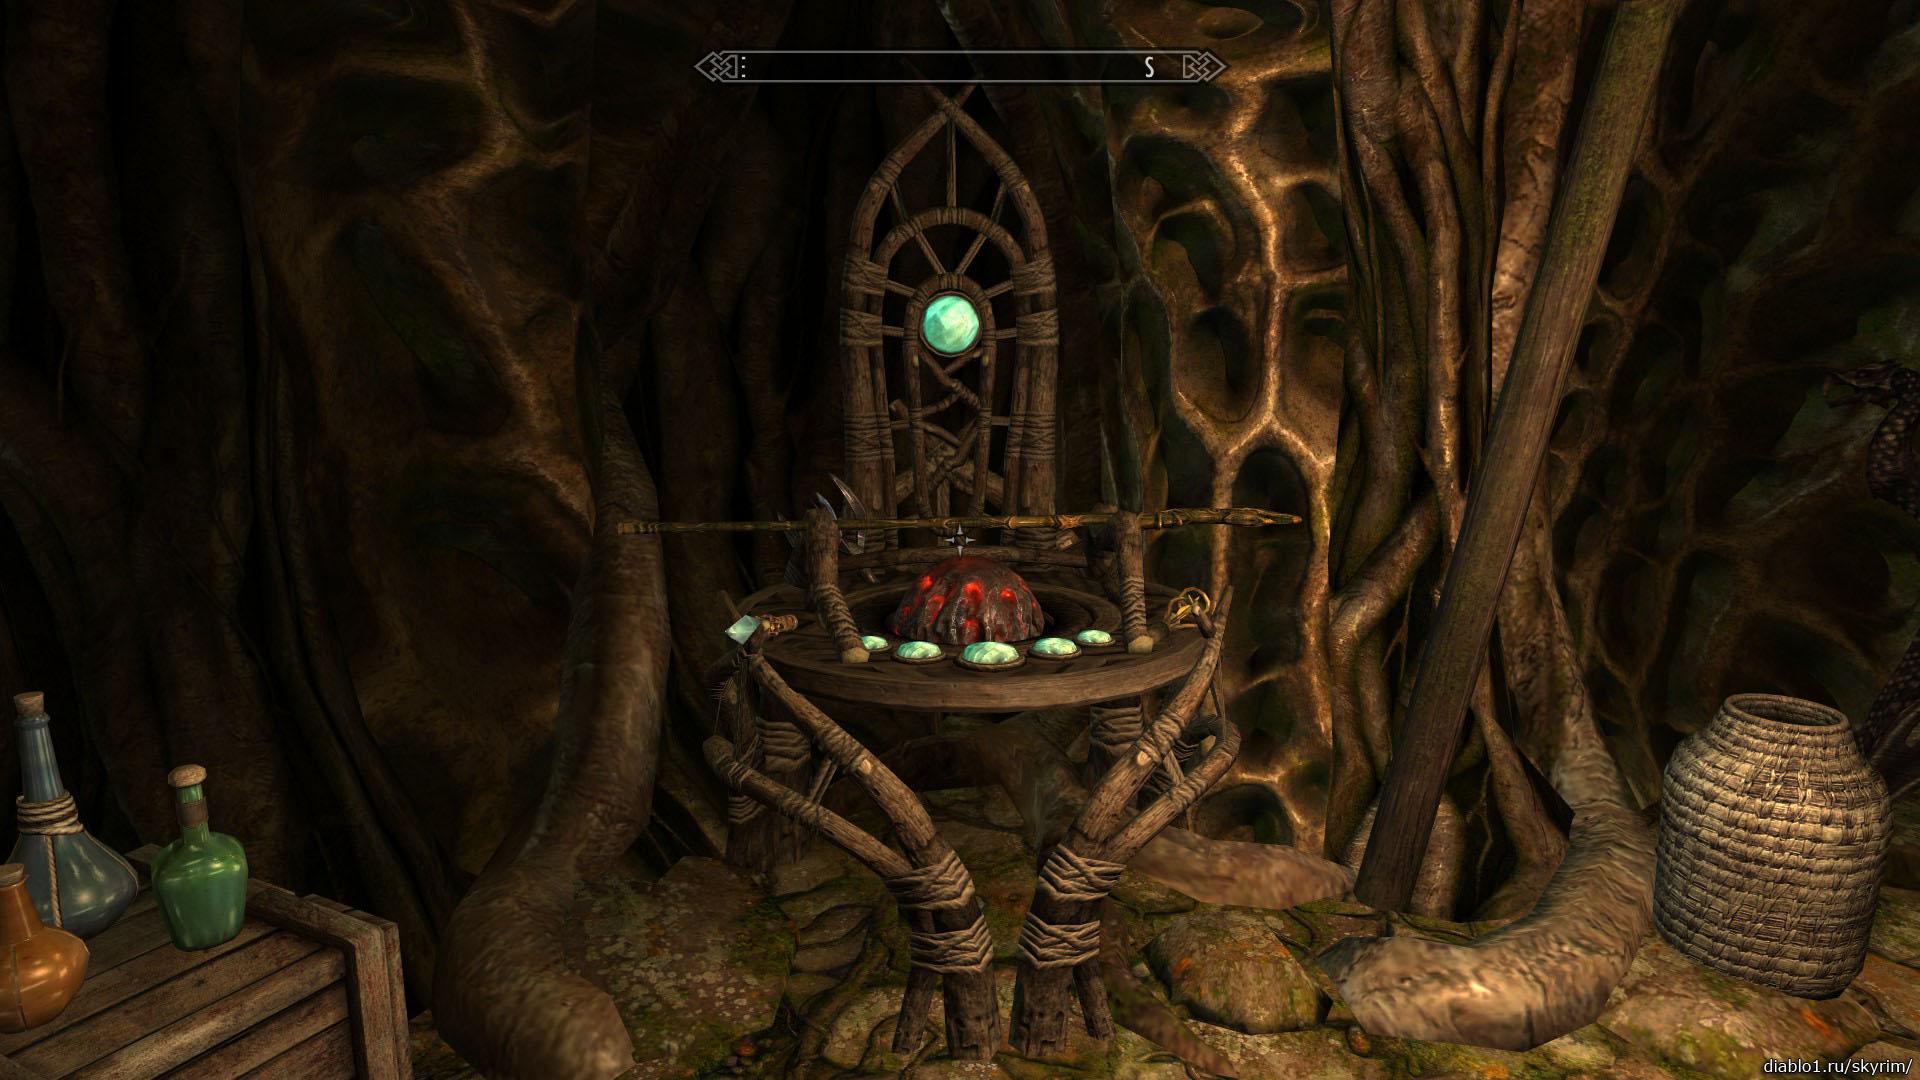 Управляющий по принуждению (Reluctant Steward) прохождение Скайрим Dragonborn -